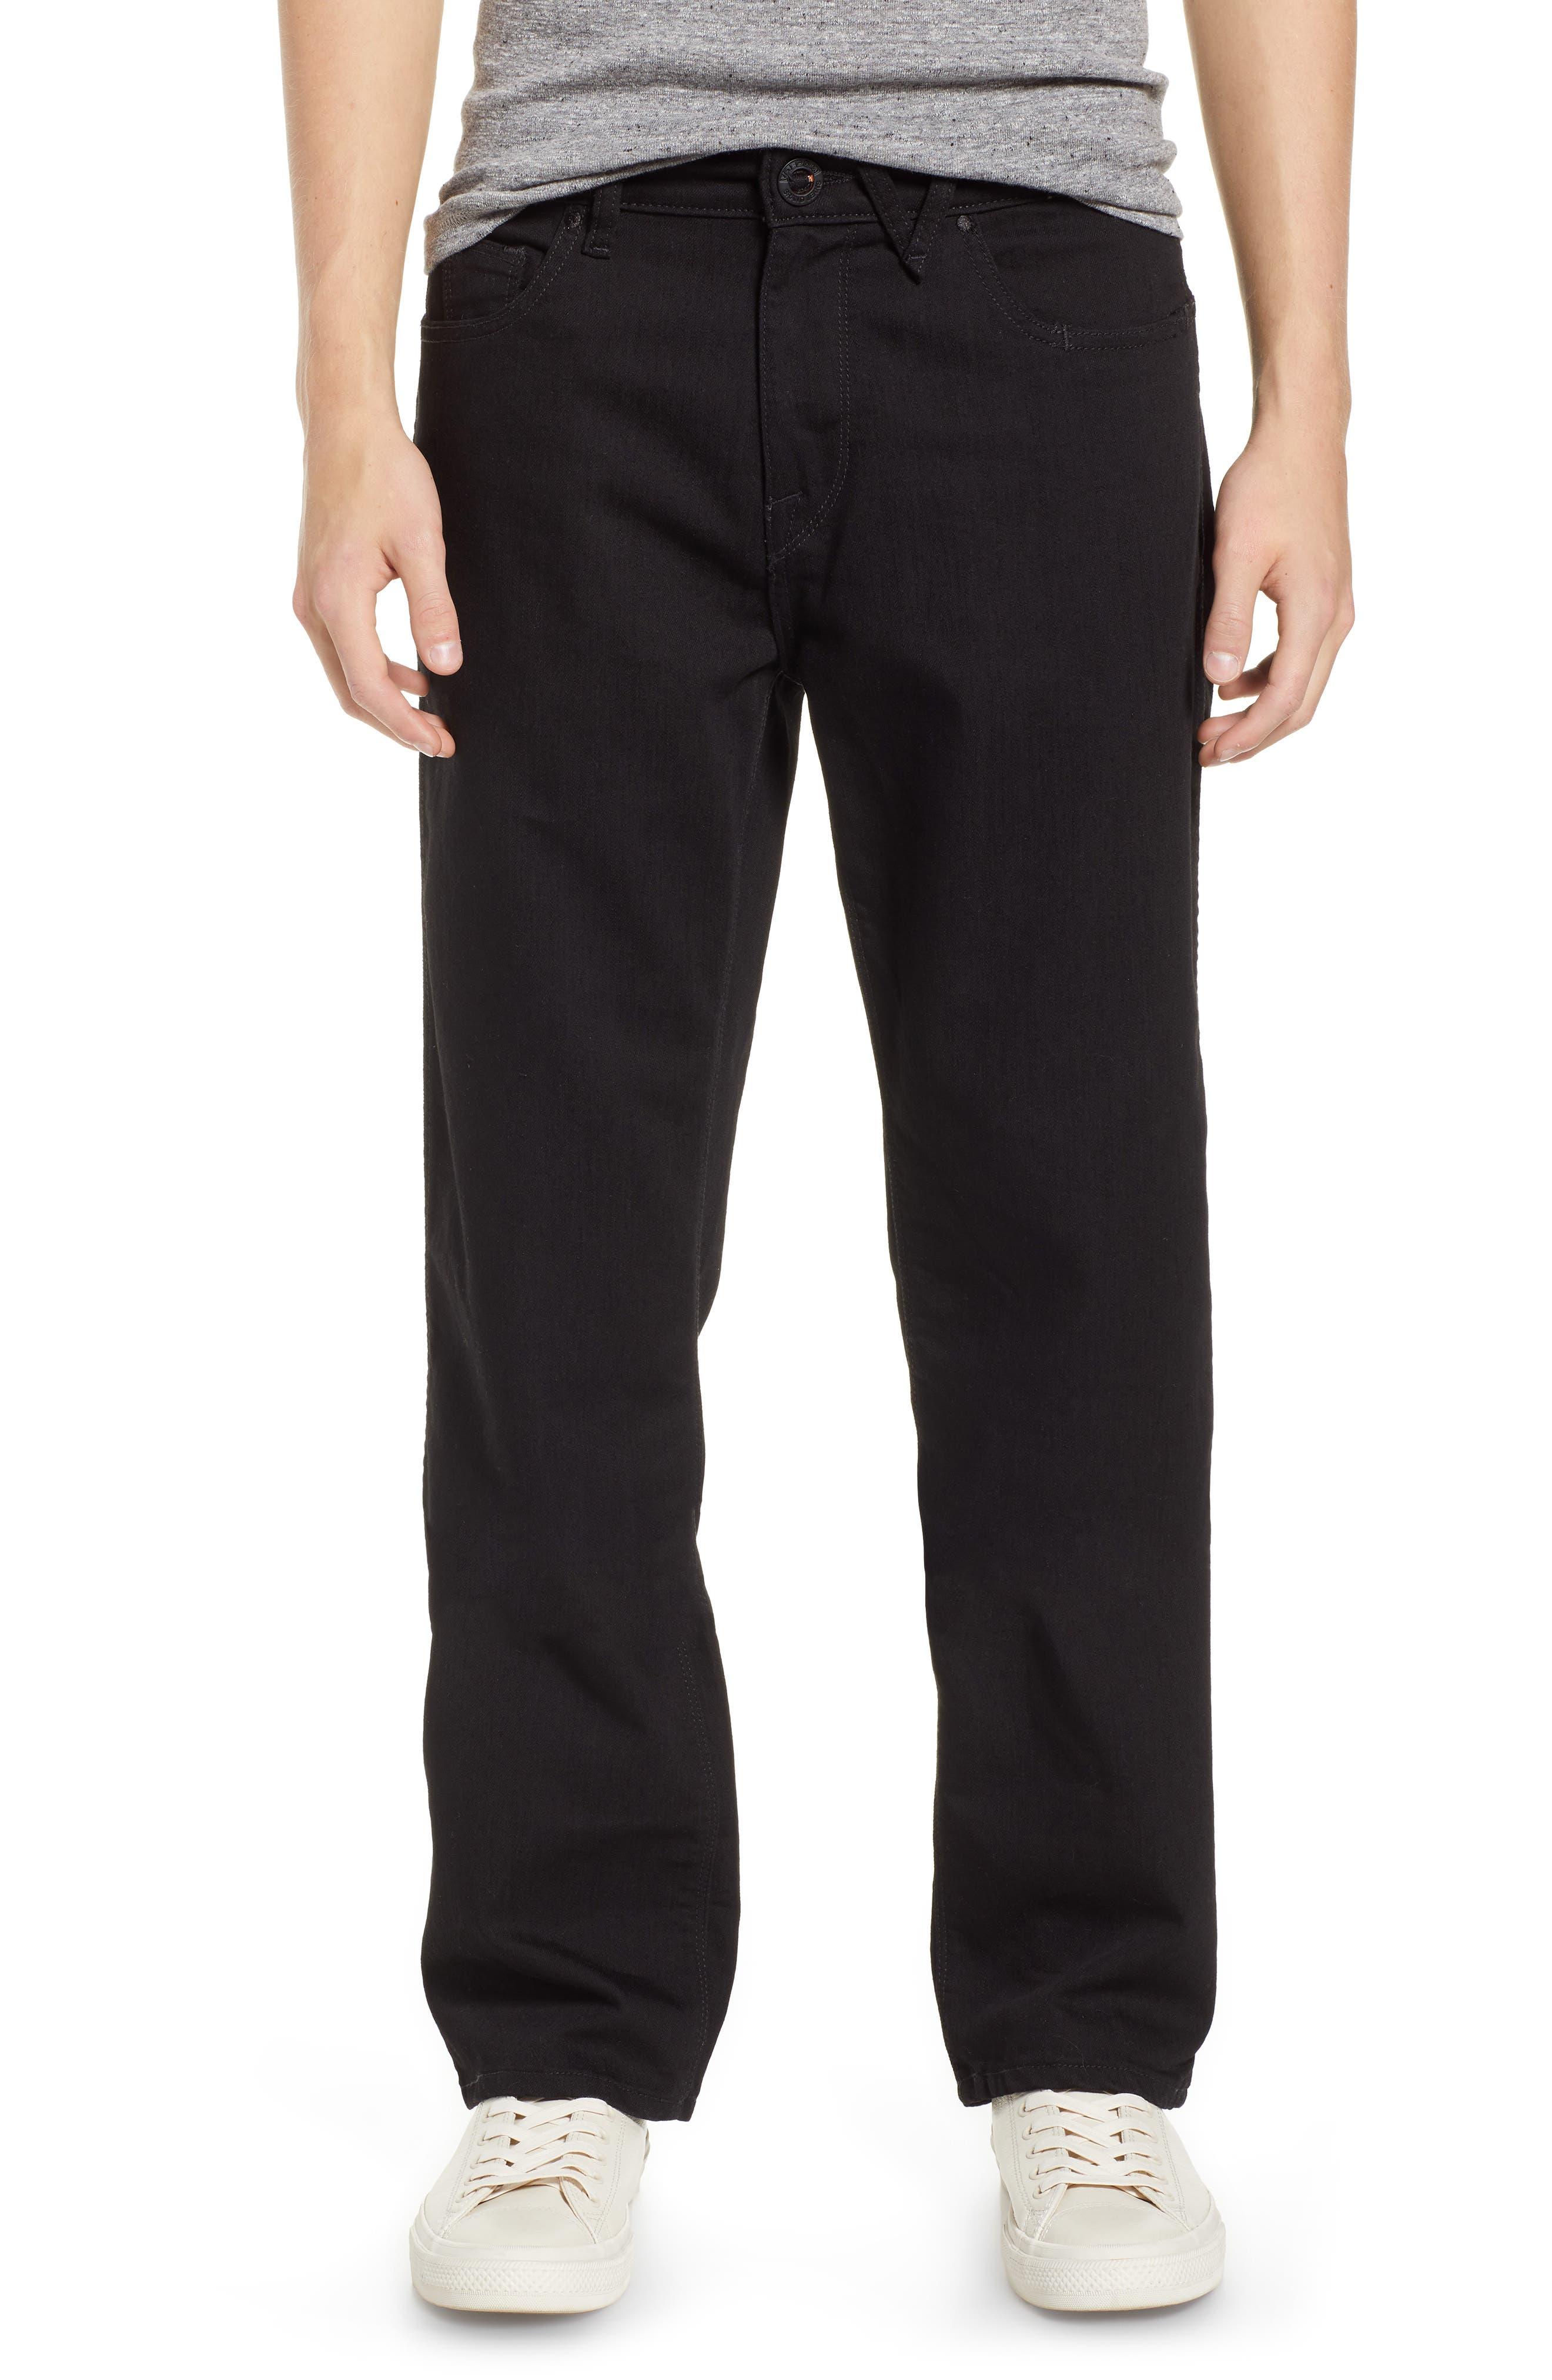 Kinkade Slim Fit Jeans,                             Main thumbnail 1, color,                             TOUGH BLACK